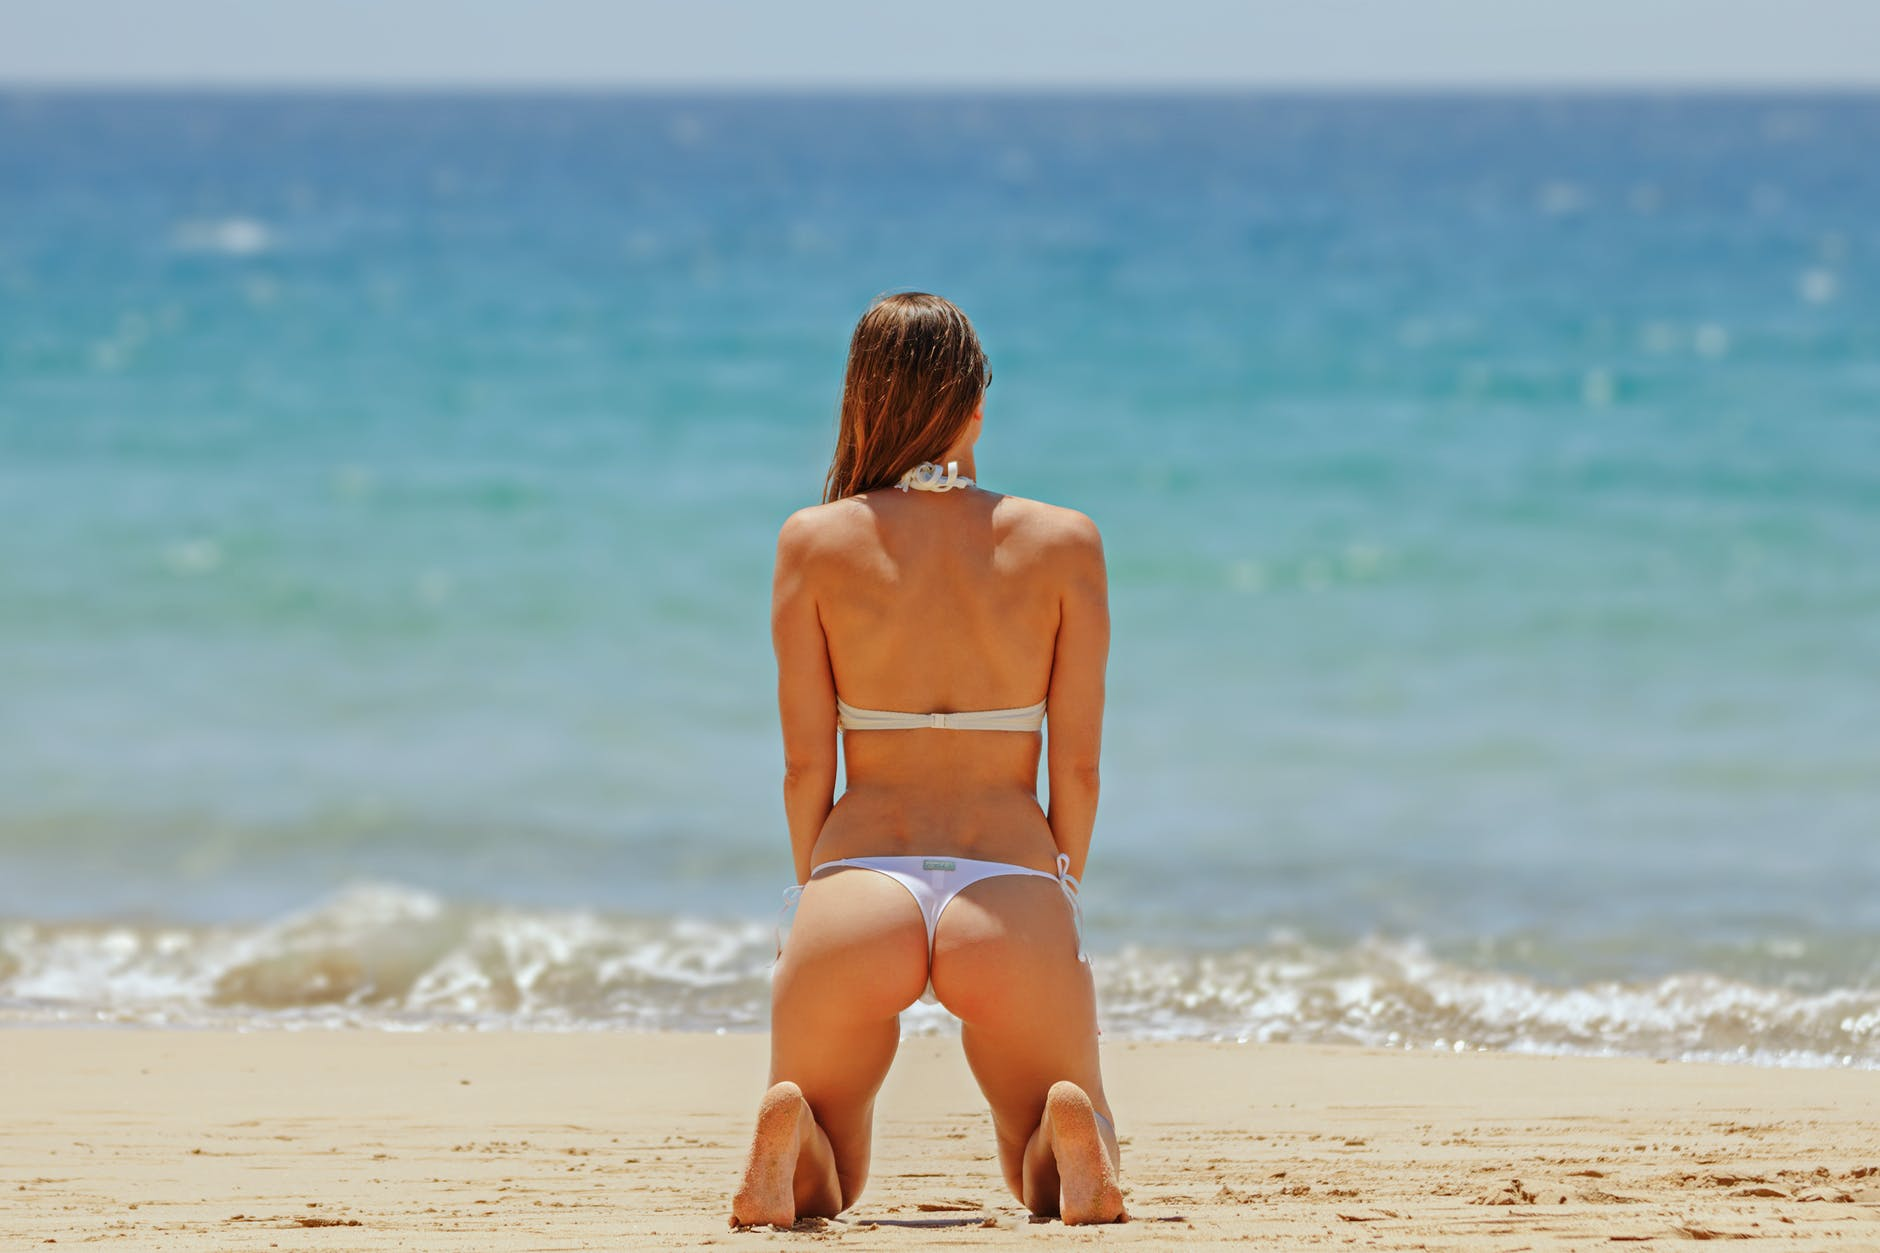 Sex in freier Natur durch einen diskreten Beobachter noch spannender?